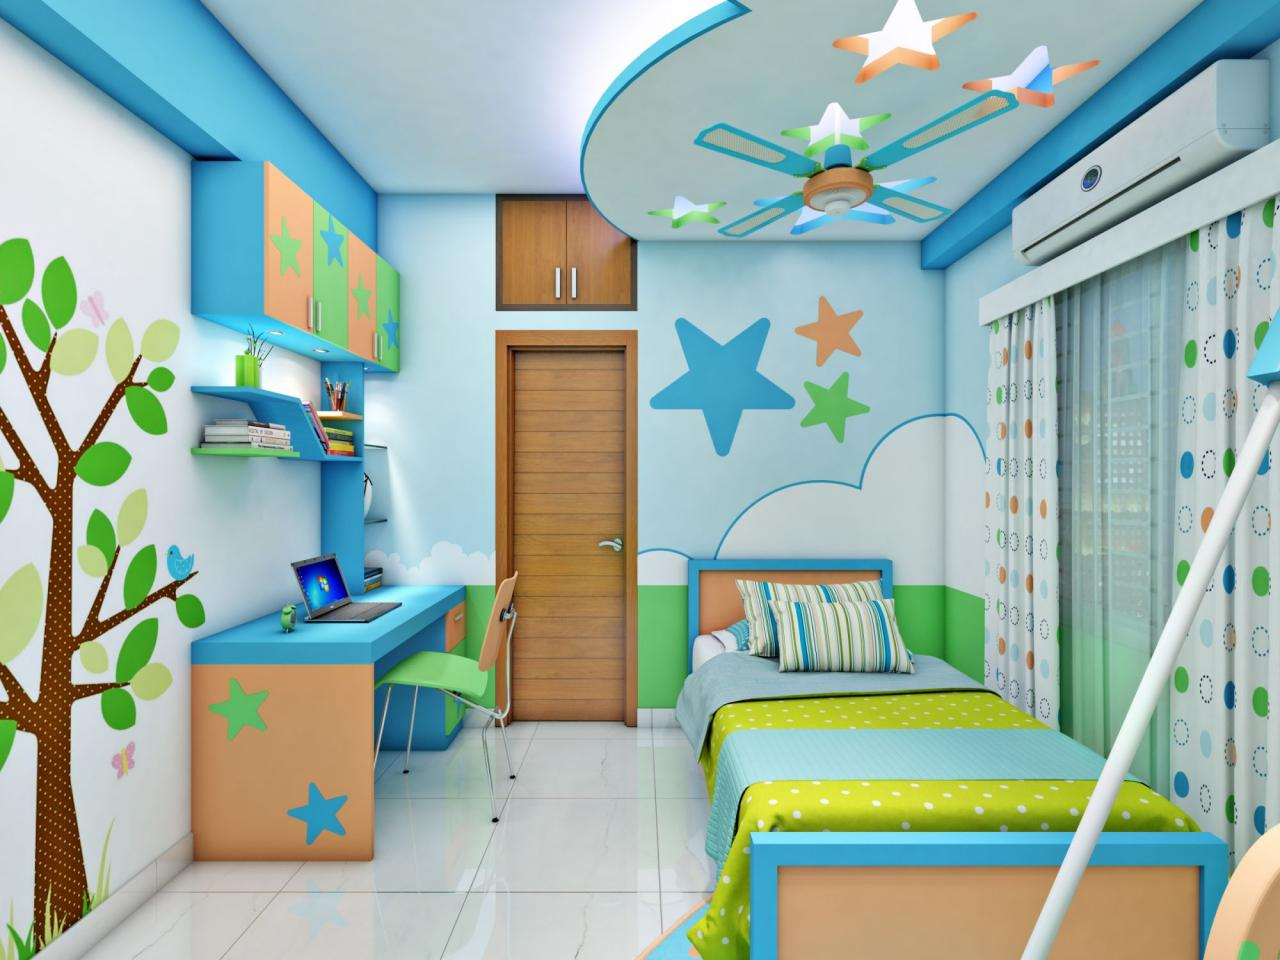 صورة ديكورات غرف اطفال, رقة رومانسية جمال وشباب ايضا في هذه التصاميم 723 7